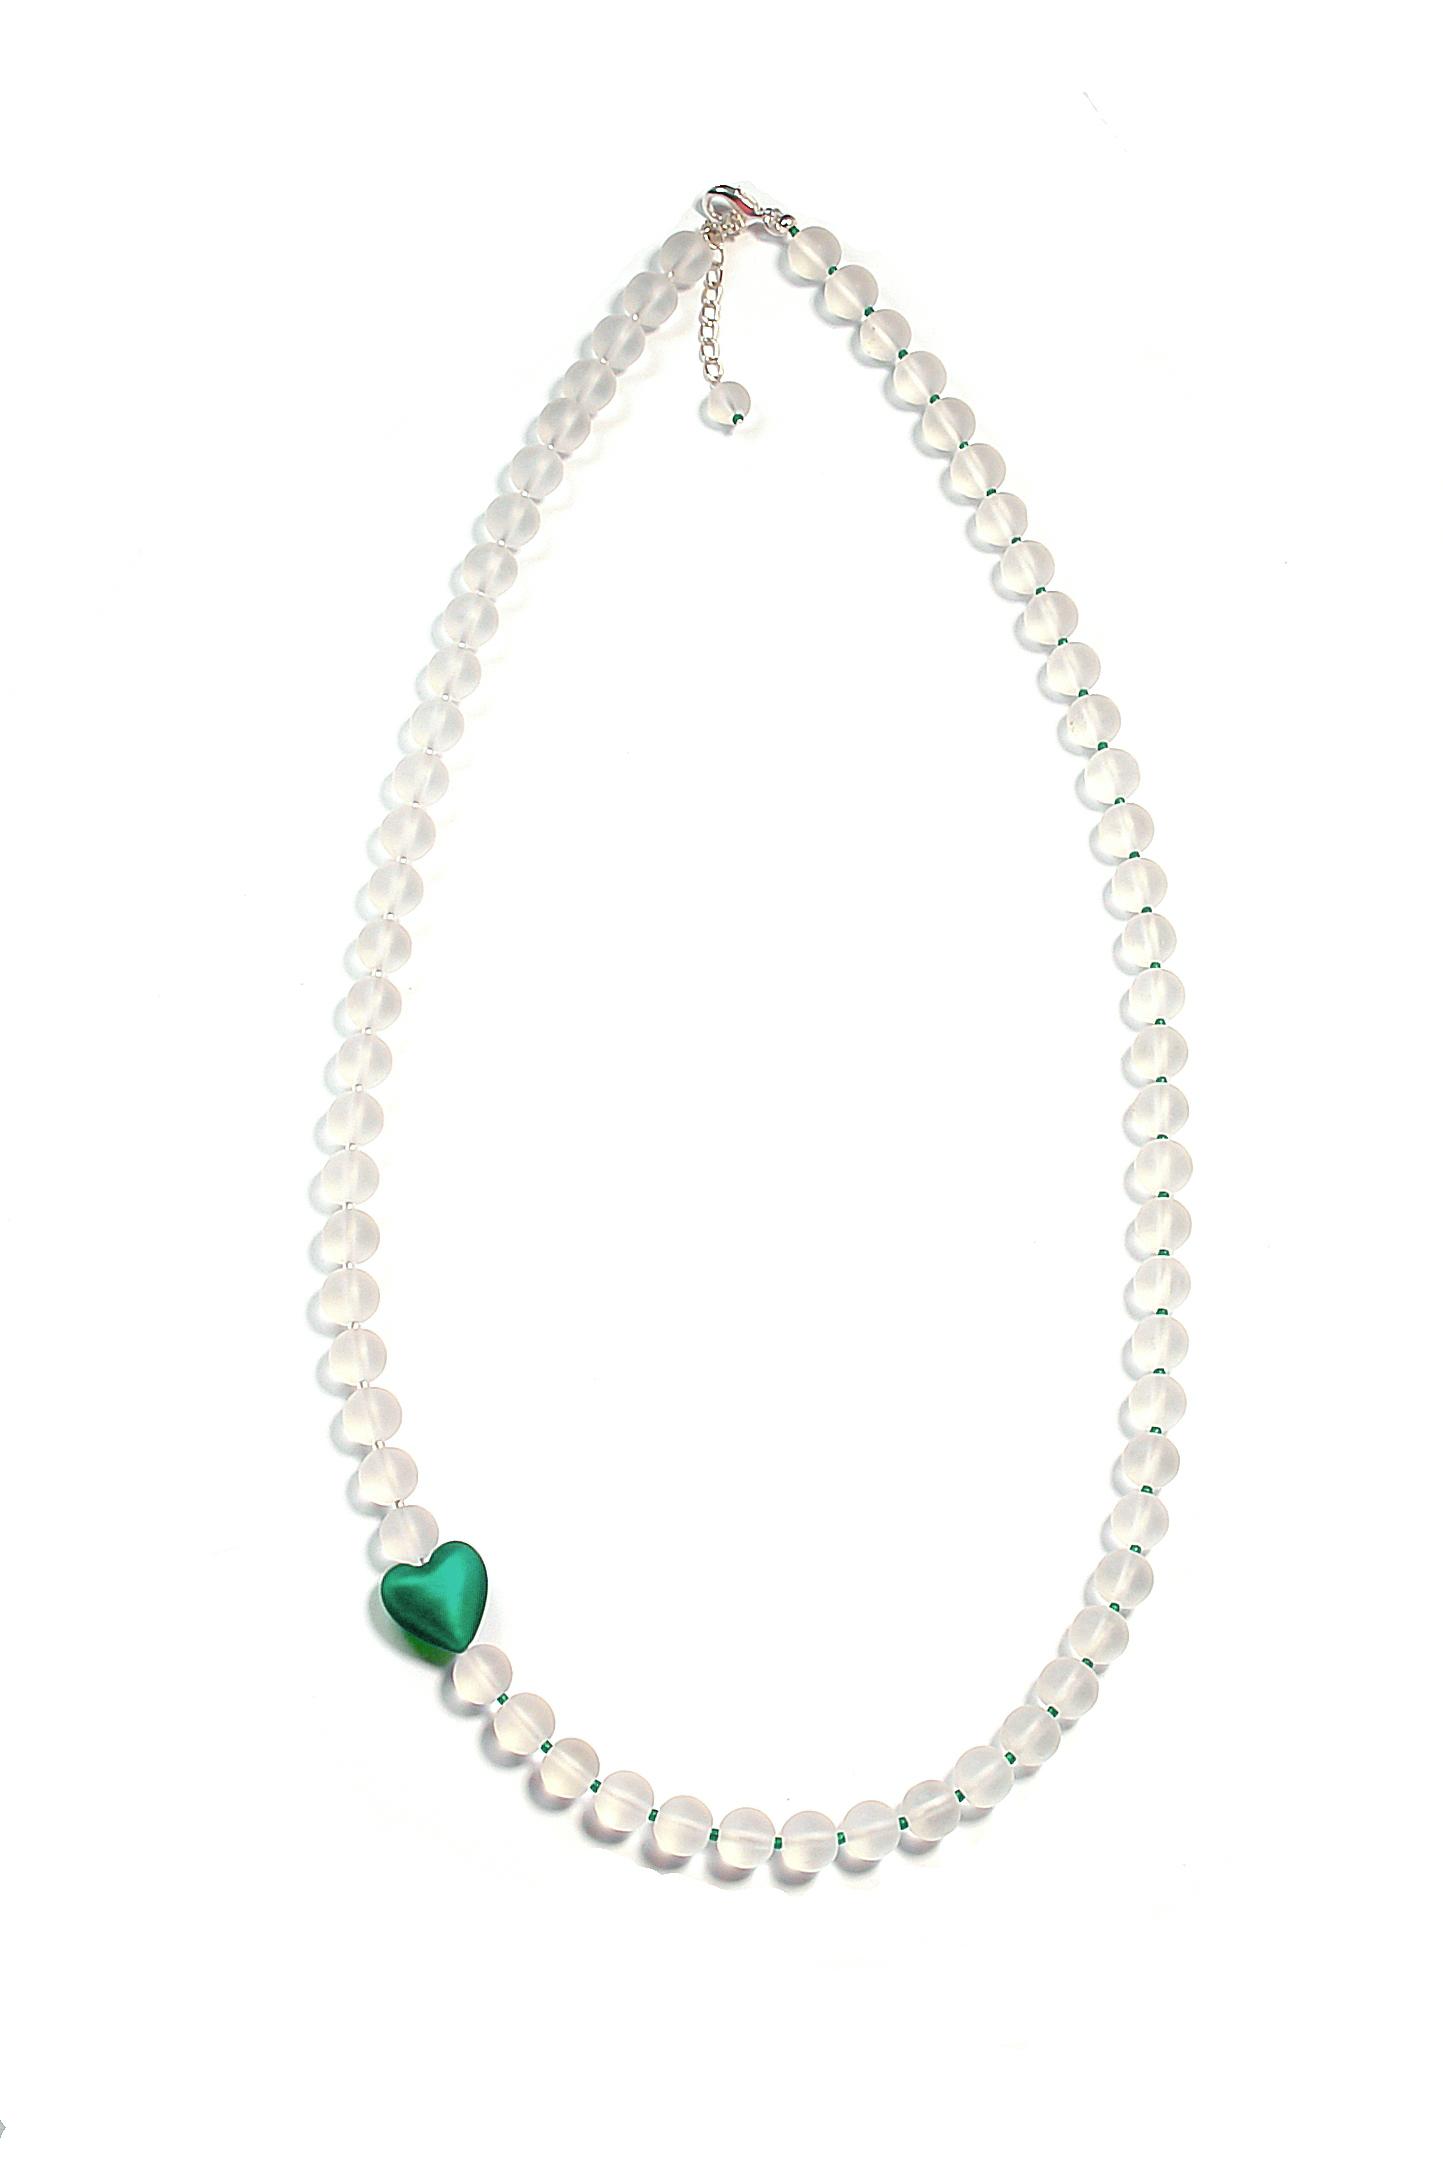 Колье/ожерелье бижутерное боттега мурано 09010462 03, Муранское стекло, Кварц, 70+5 см цена